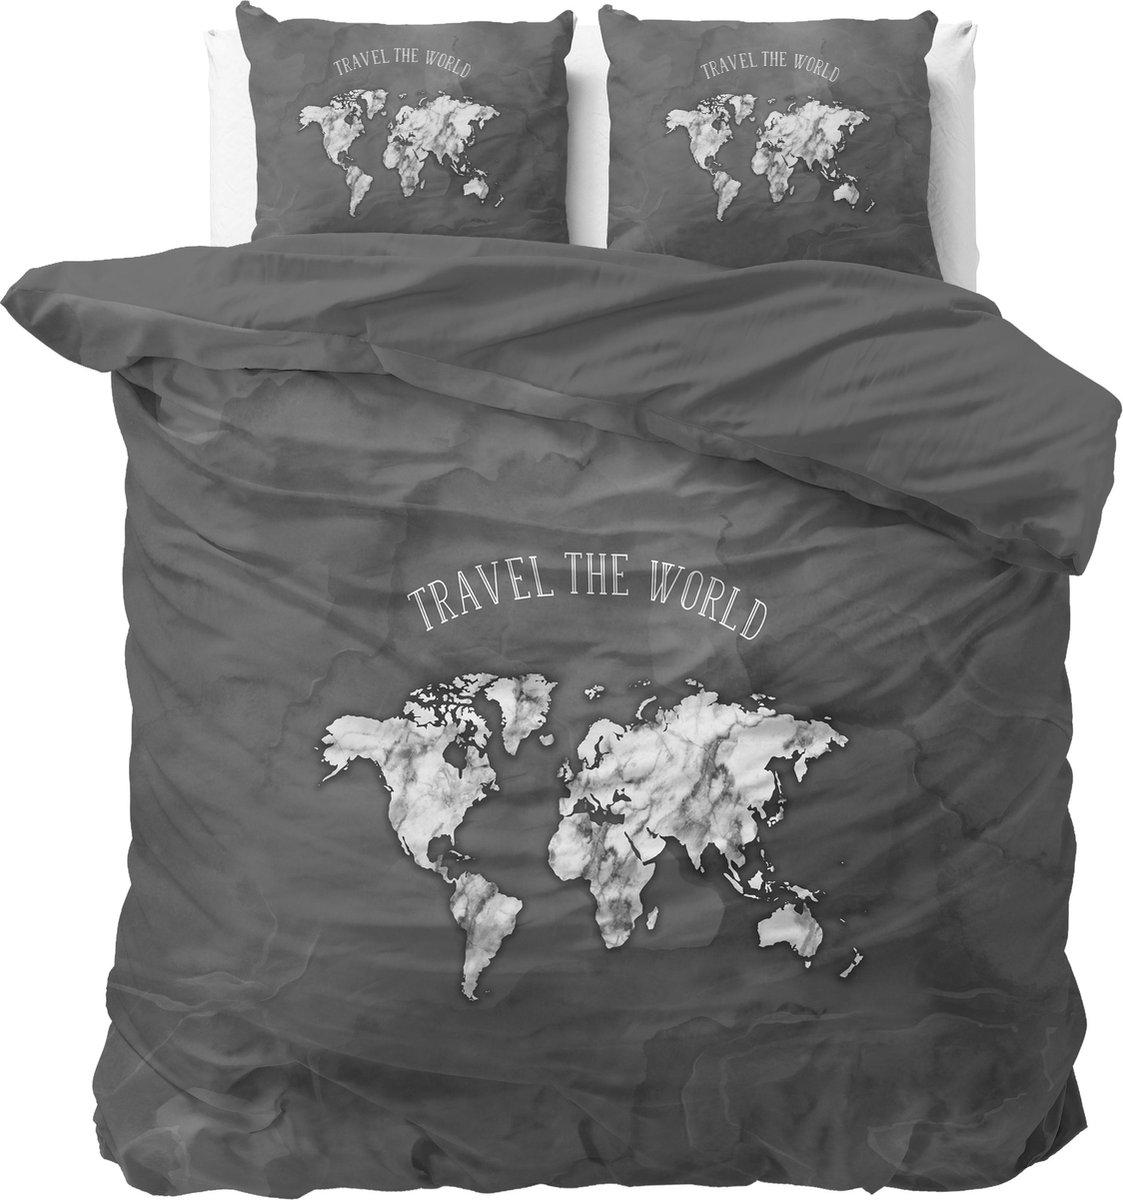 Sleeptime Marble World Dekbedovertrekset - Tweepersoons - 200x200/220 + 2 kussenslopen 60x70 - Antra